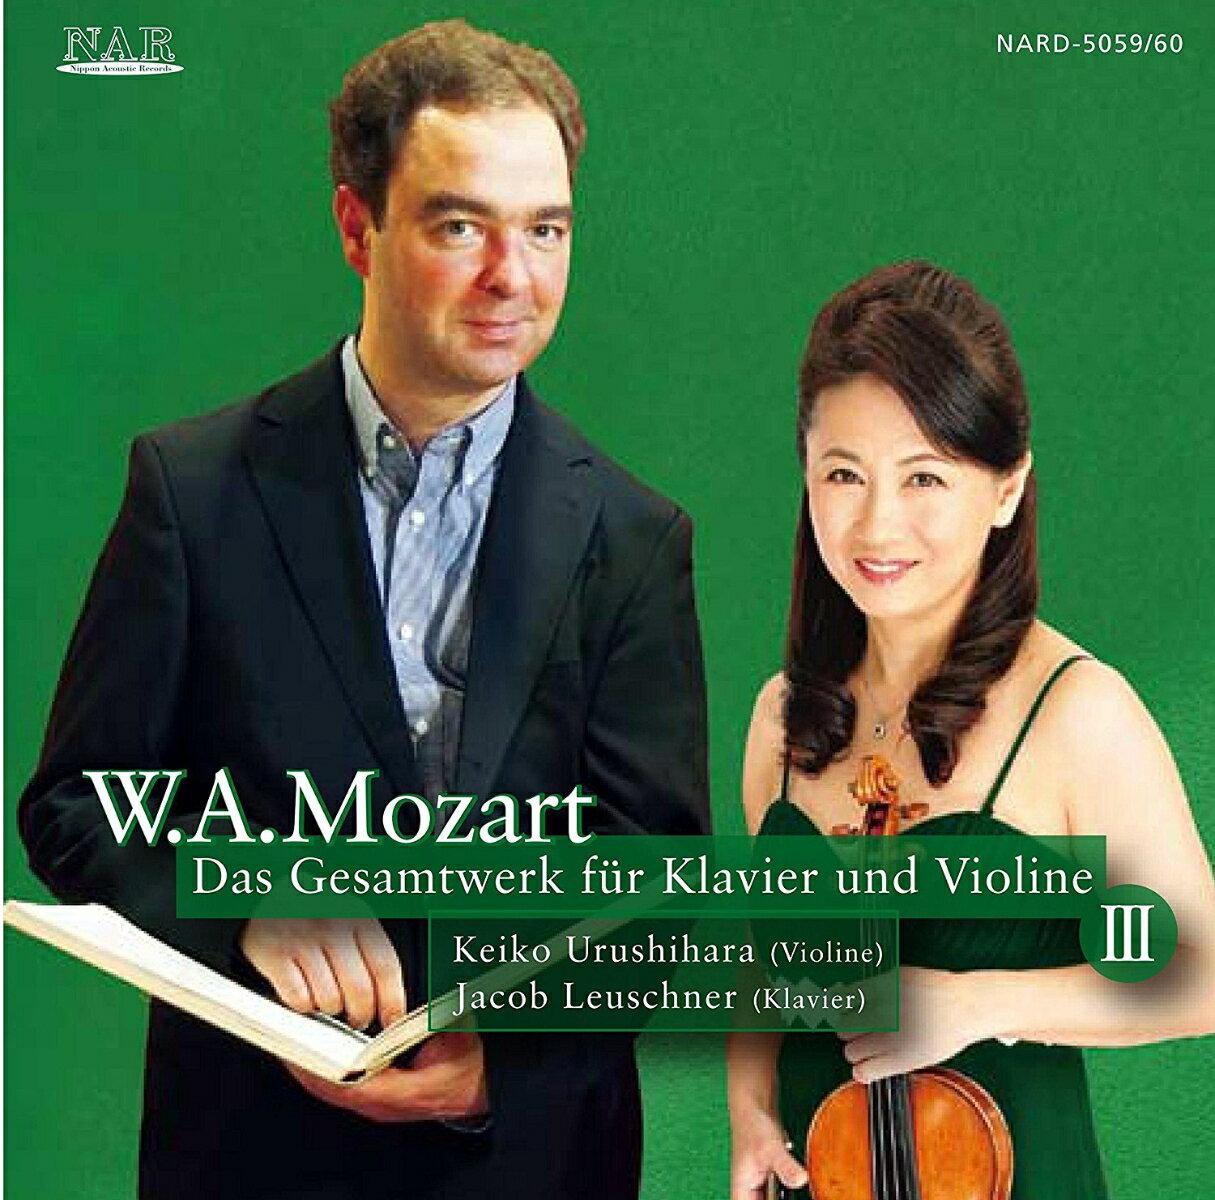 モーツァルト:ピアノとヴァイオリンのための作品全集3画像